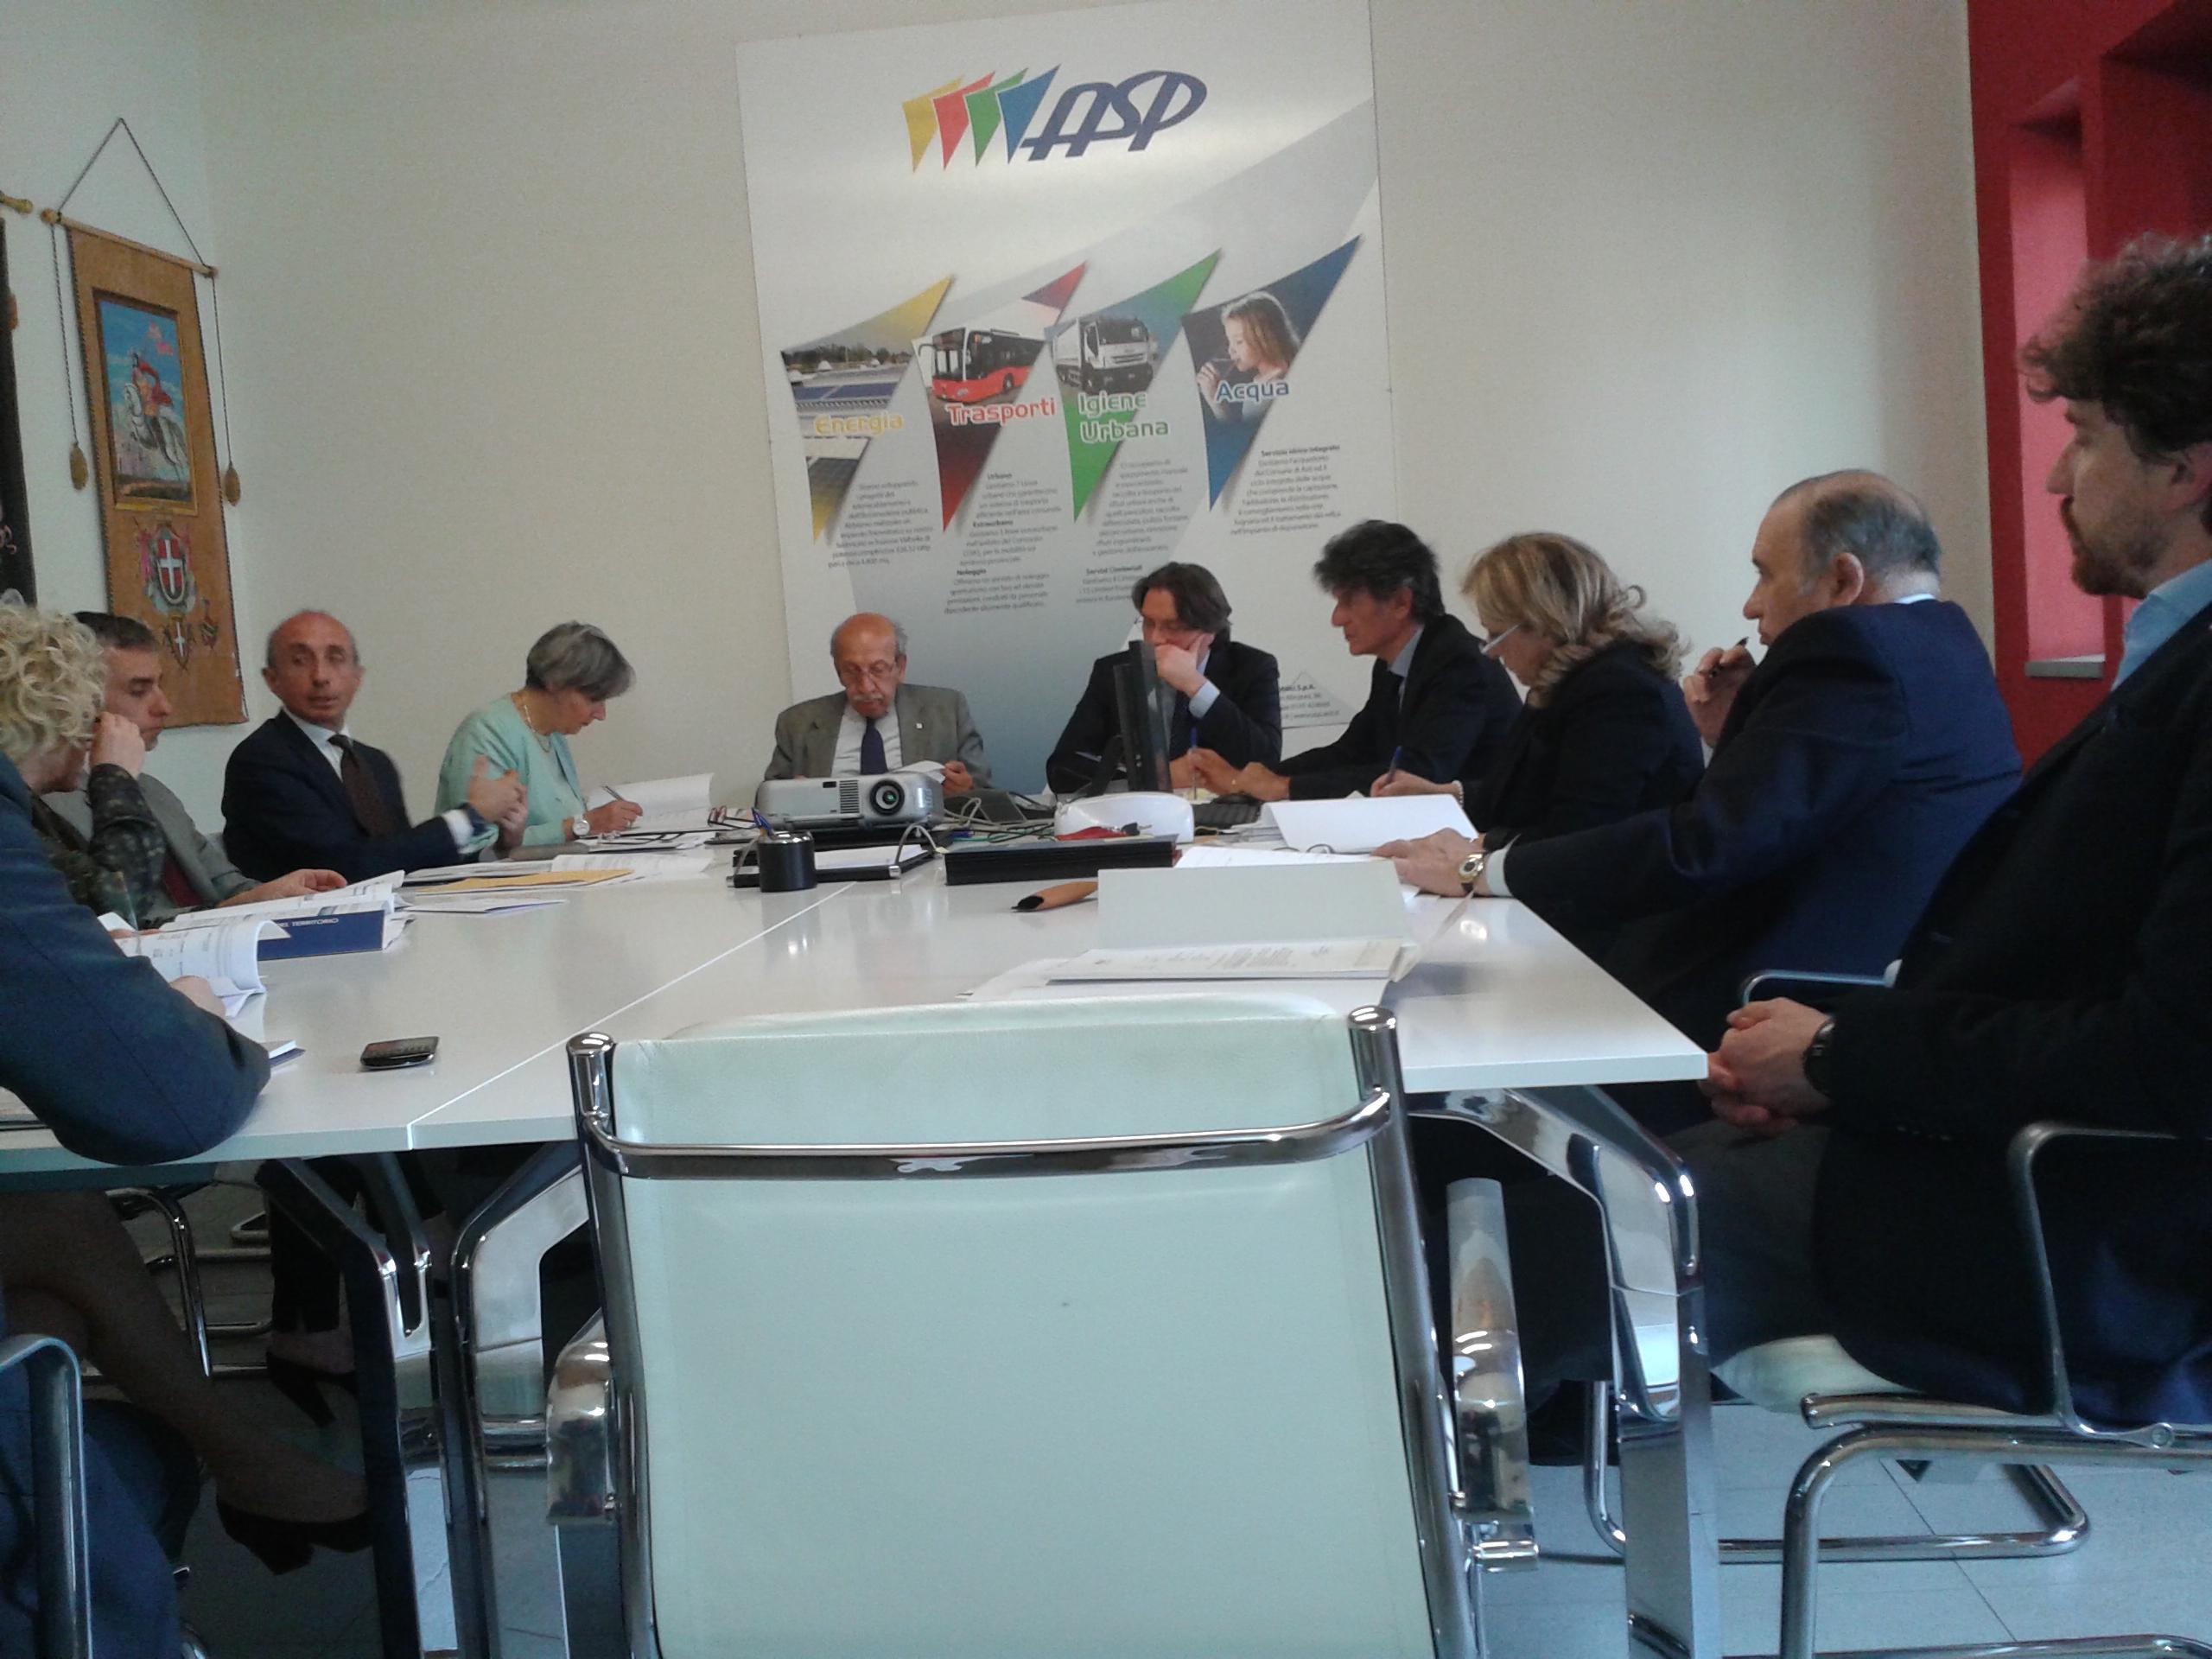 Approvato il bilancio Asp 2014: per il secondo anno utili raddoppiati rispetto al passato. Al Comune di Asti quasi 270.000 euro per la spesa sociale